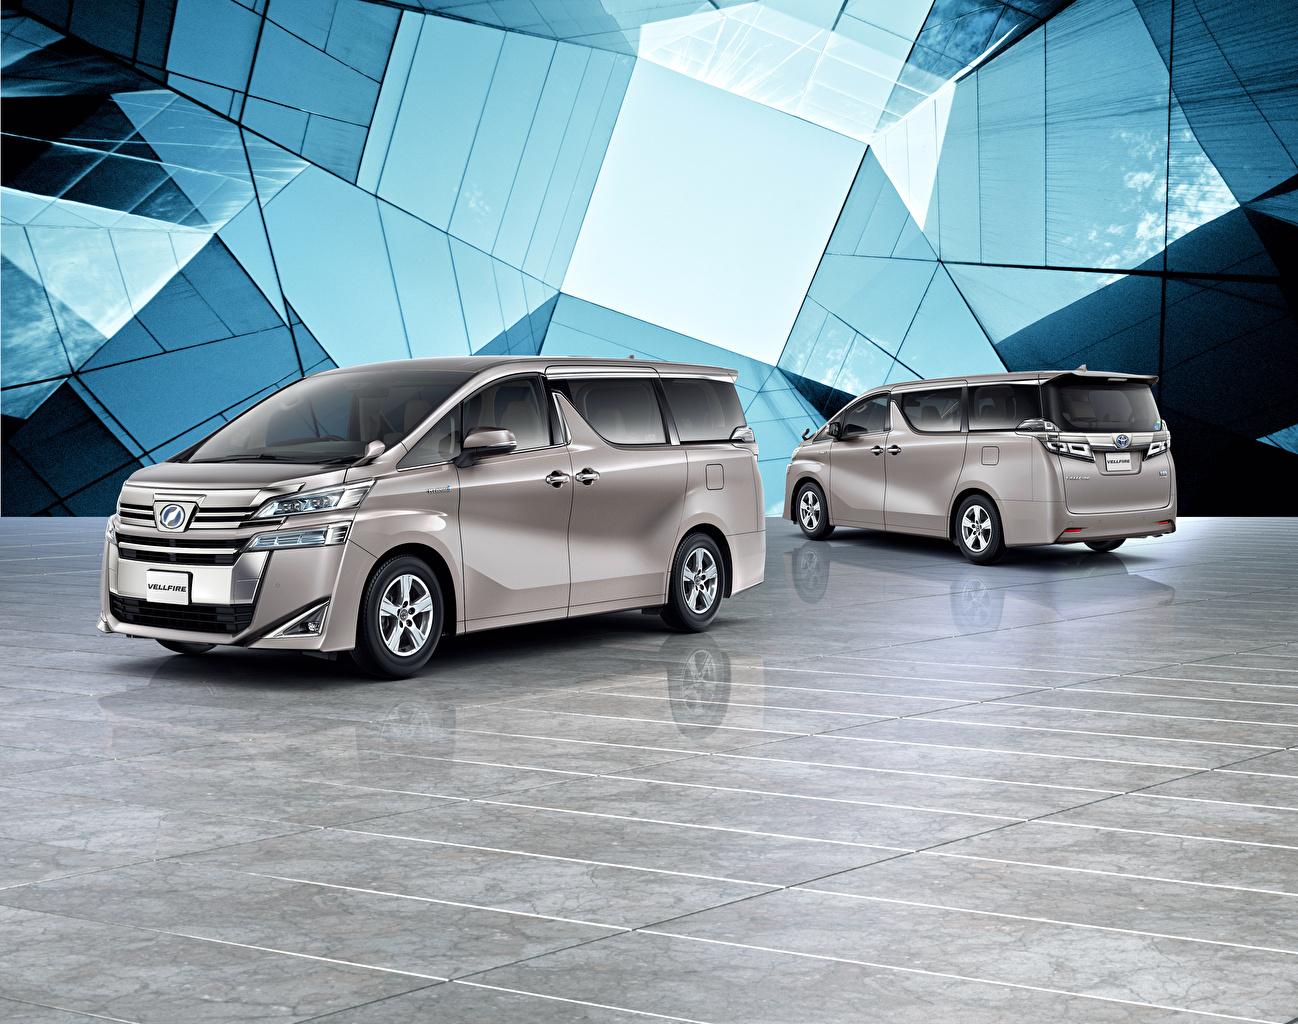 Desktop Hintergrundbilder Toyota 2018-19 Vellfire X Ein Van 2 graue auto Zwei Grau graues Autos automobil